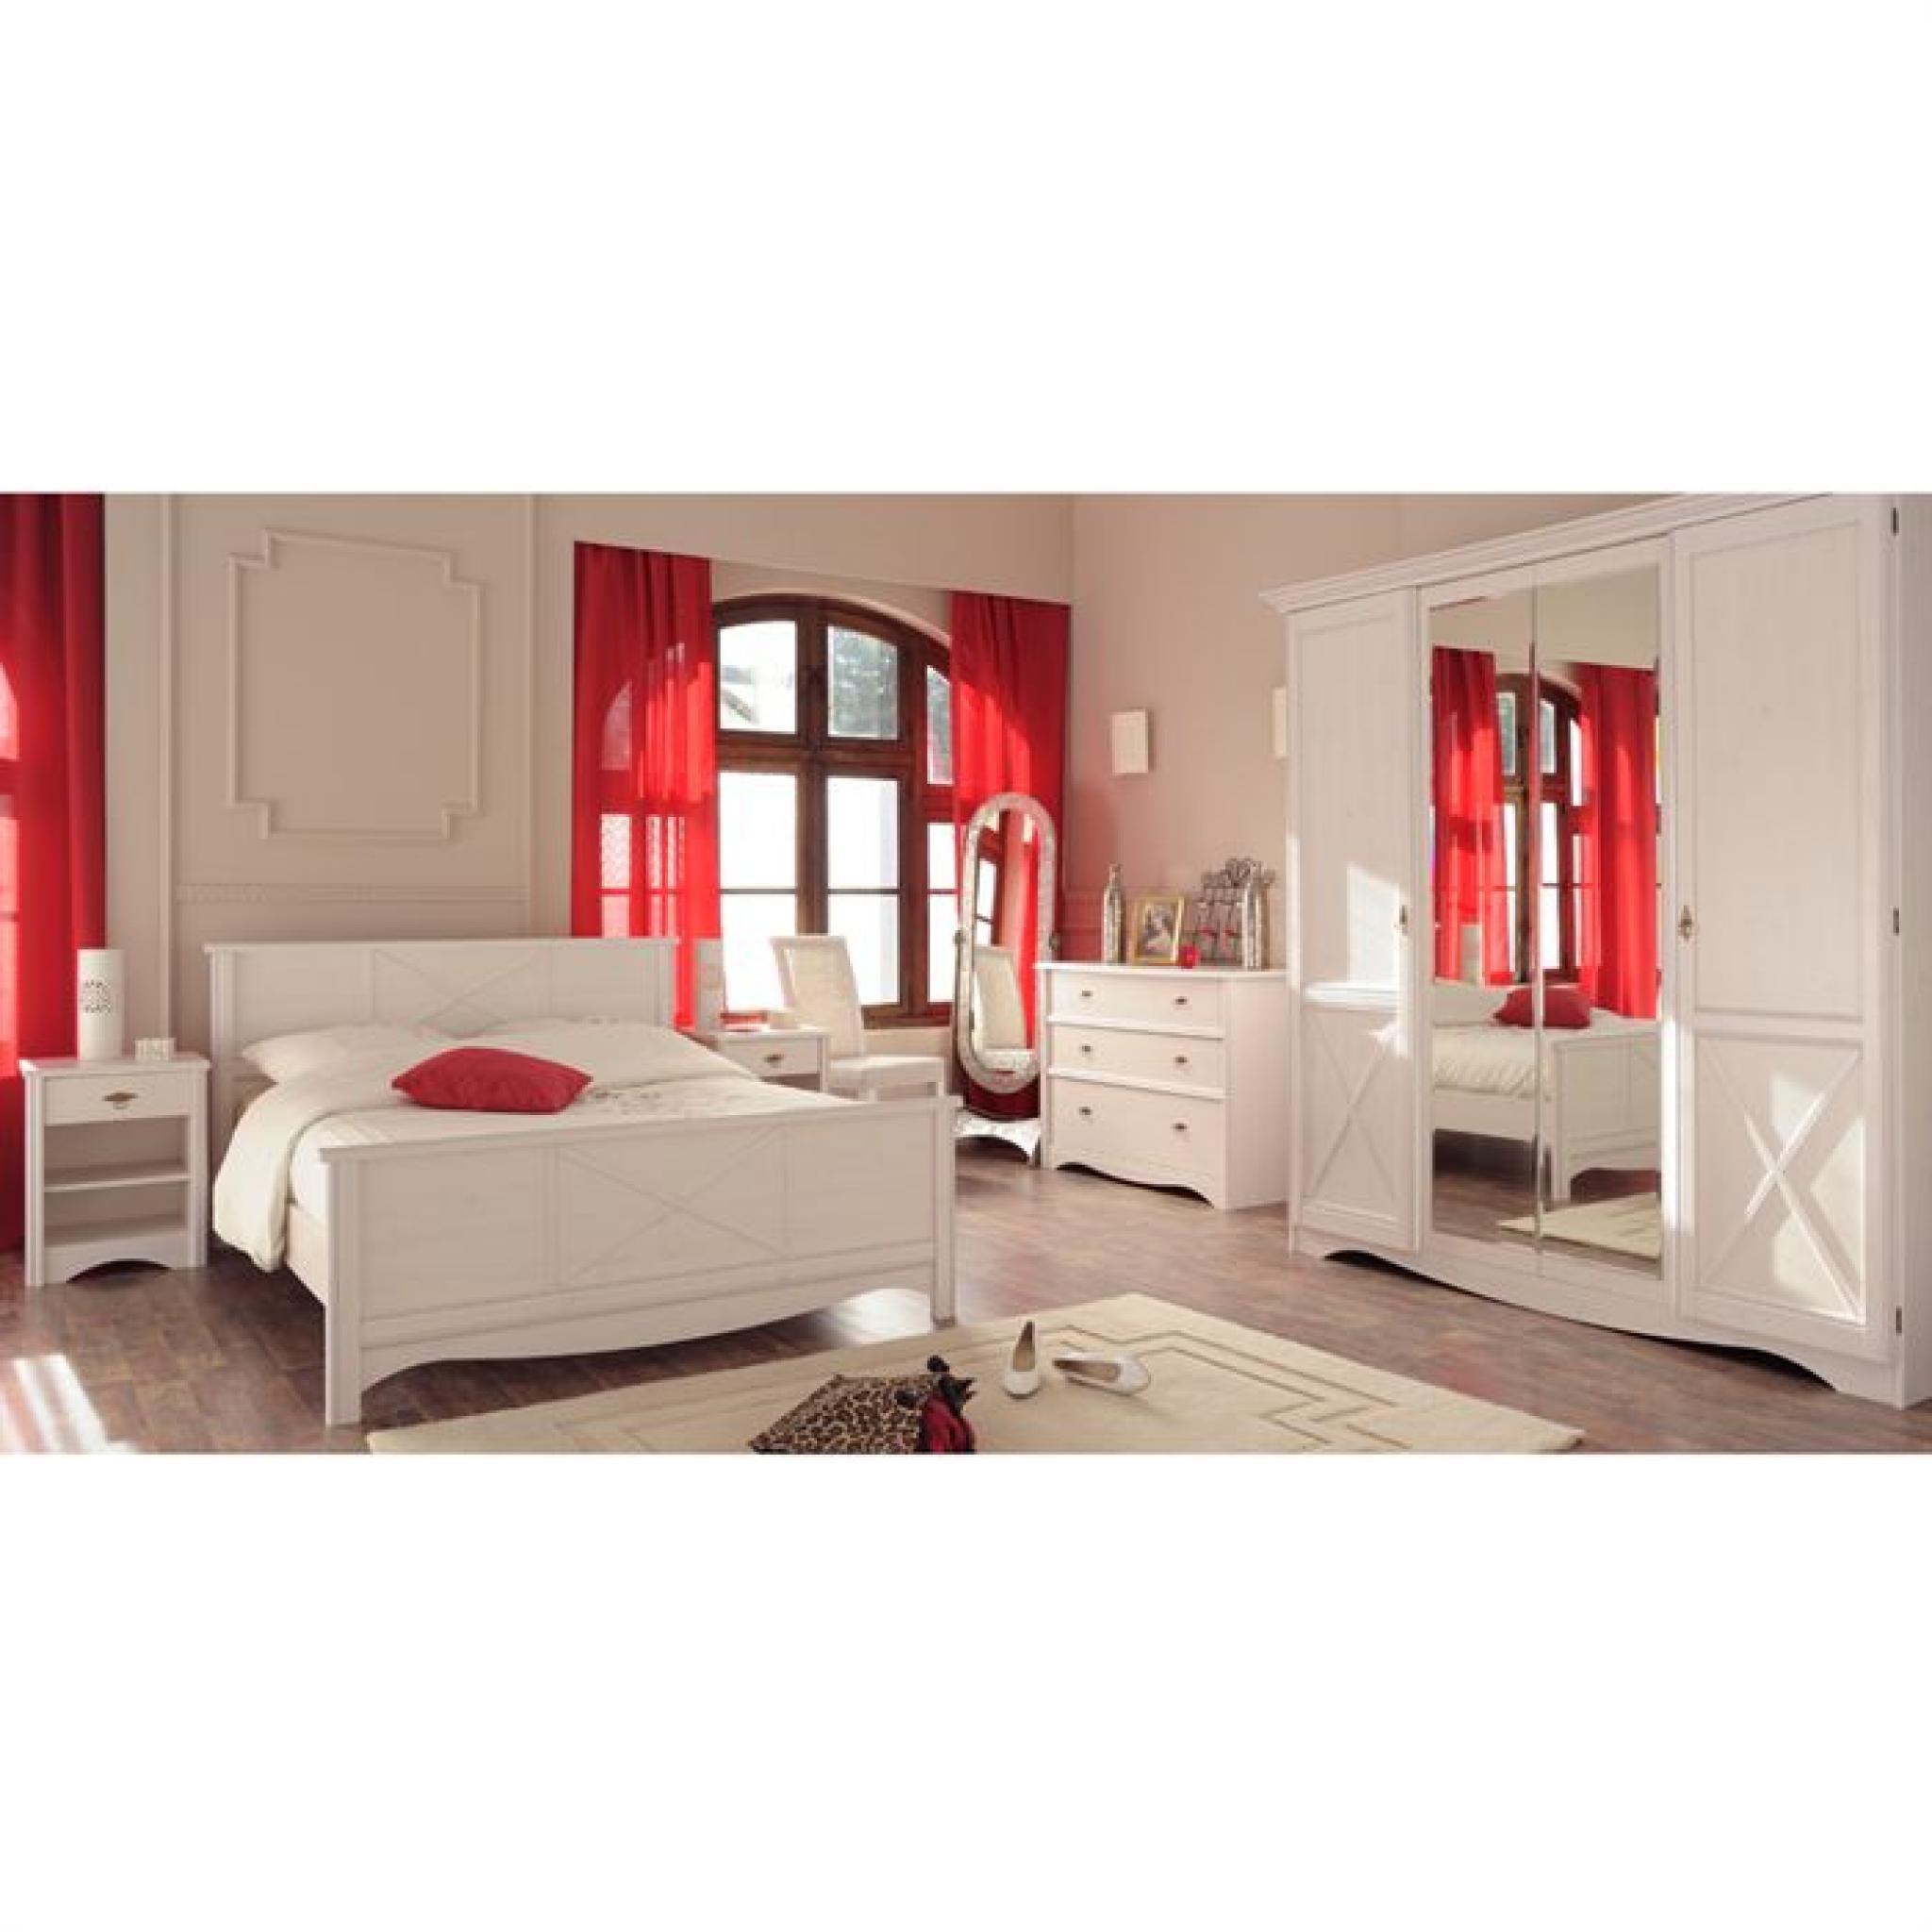 Marine armoire 4 portes achat vente armoire de chambre pas cher couleur e - Armoire chambre 4 portes ...